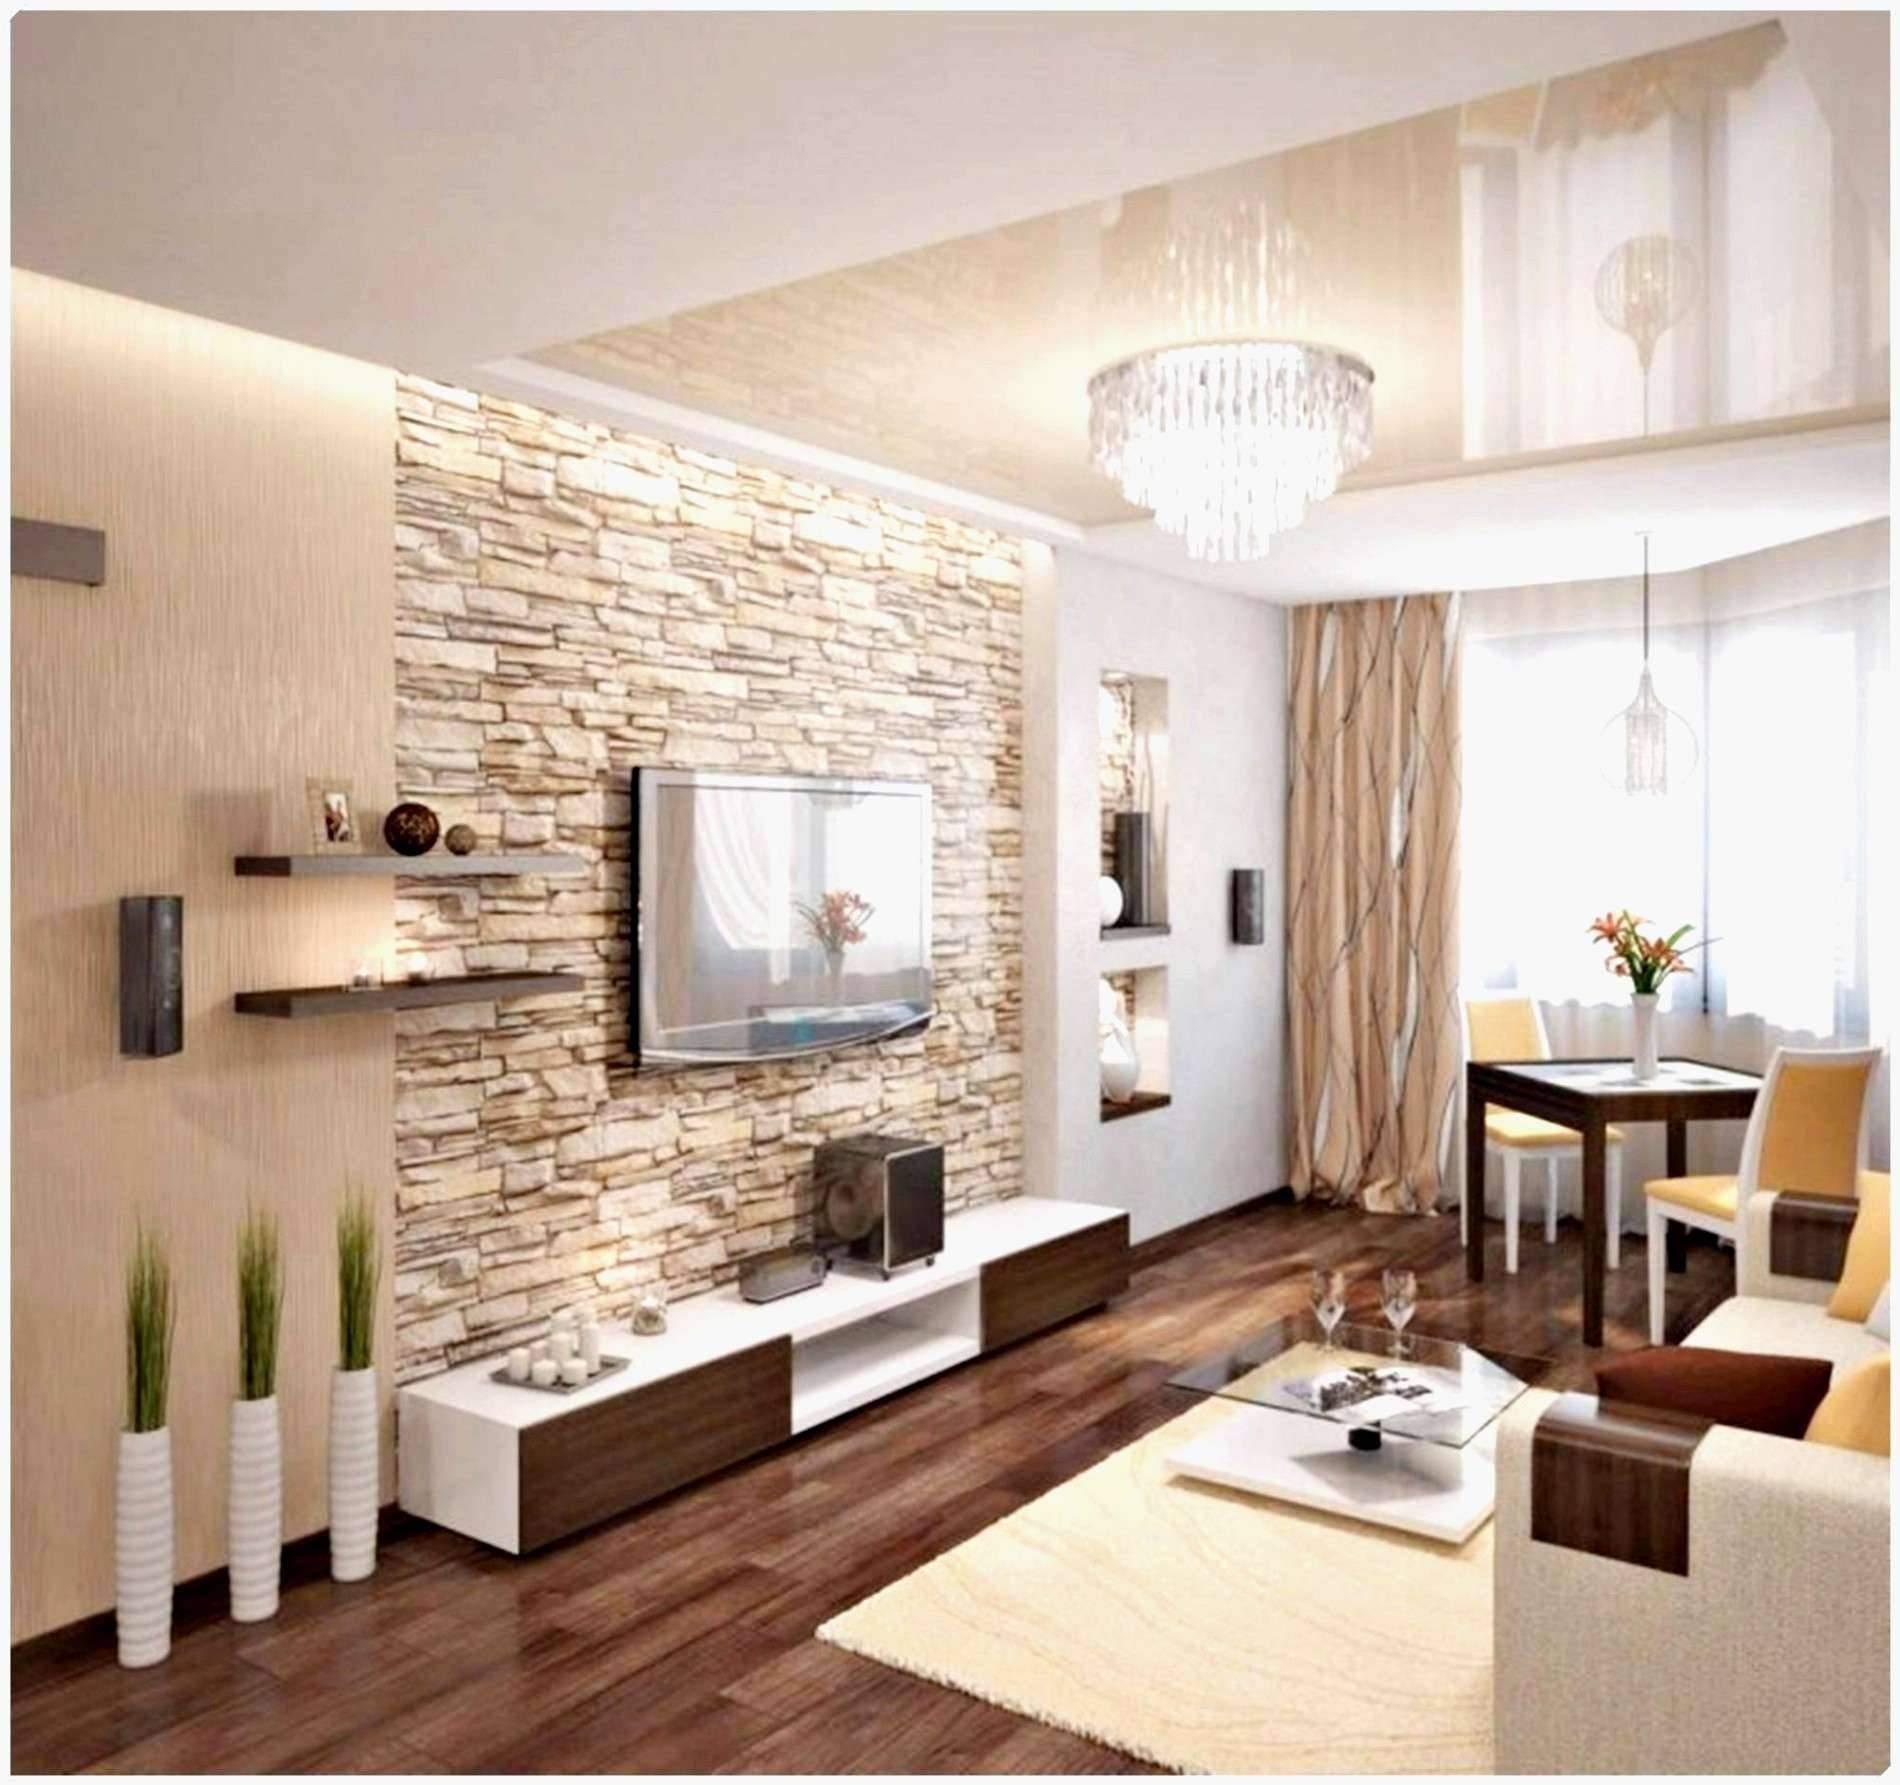 bilder mit rahmen fur wohnzimmer frisch new massivholzmobel wohnzimmer modern ideas of bilder mit rahmen fur wohnzimmer